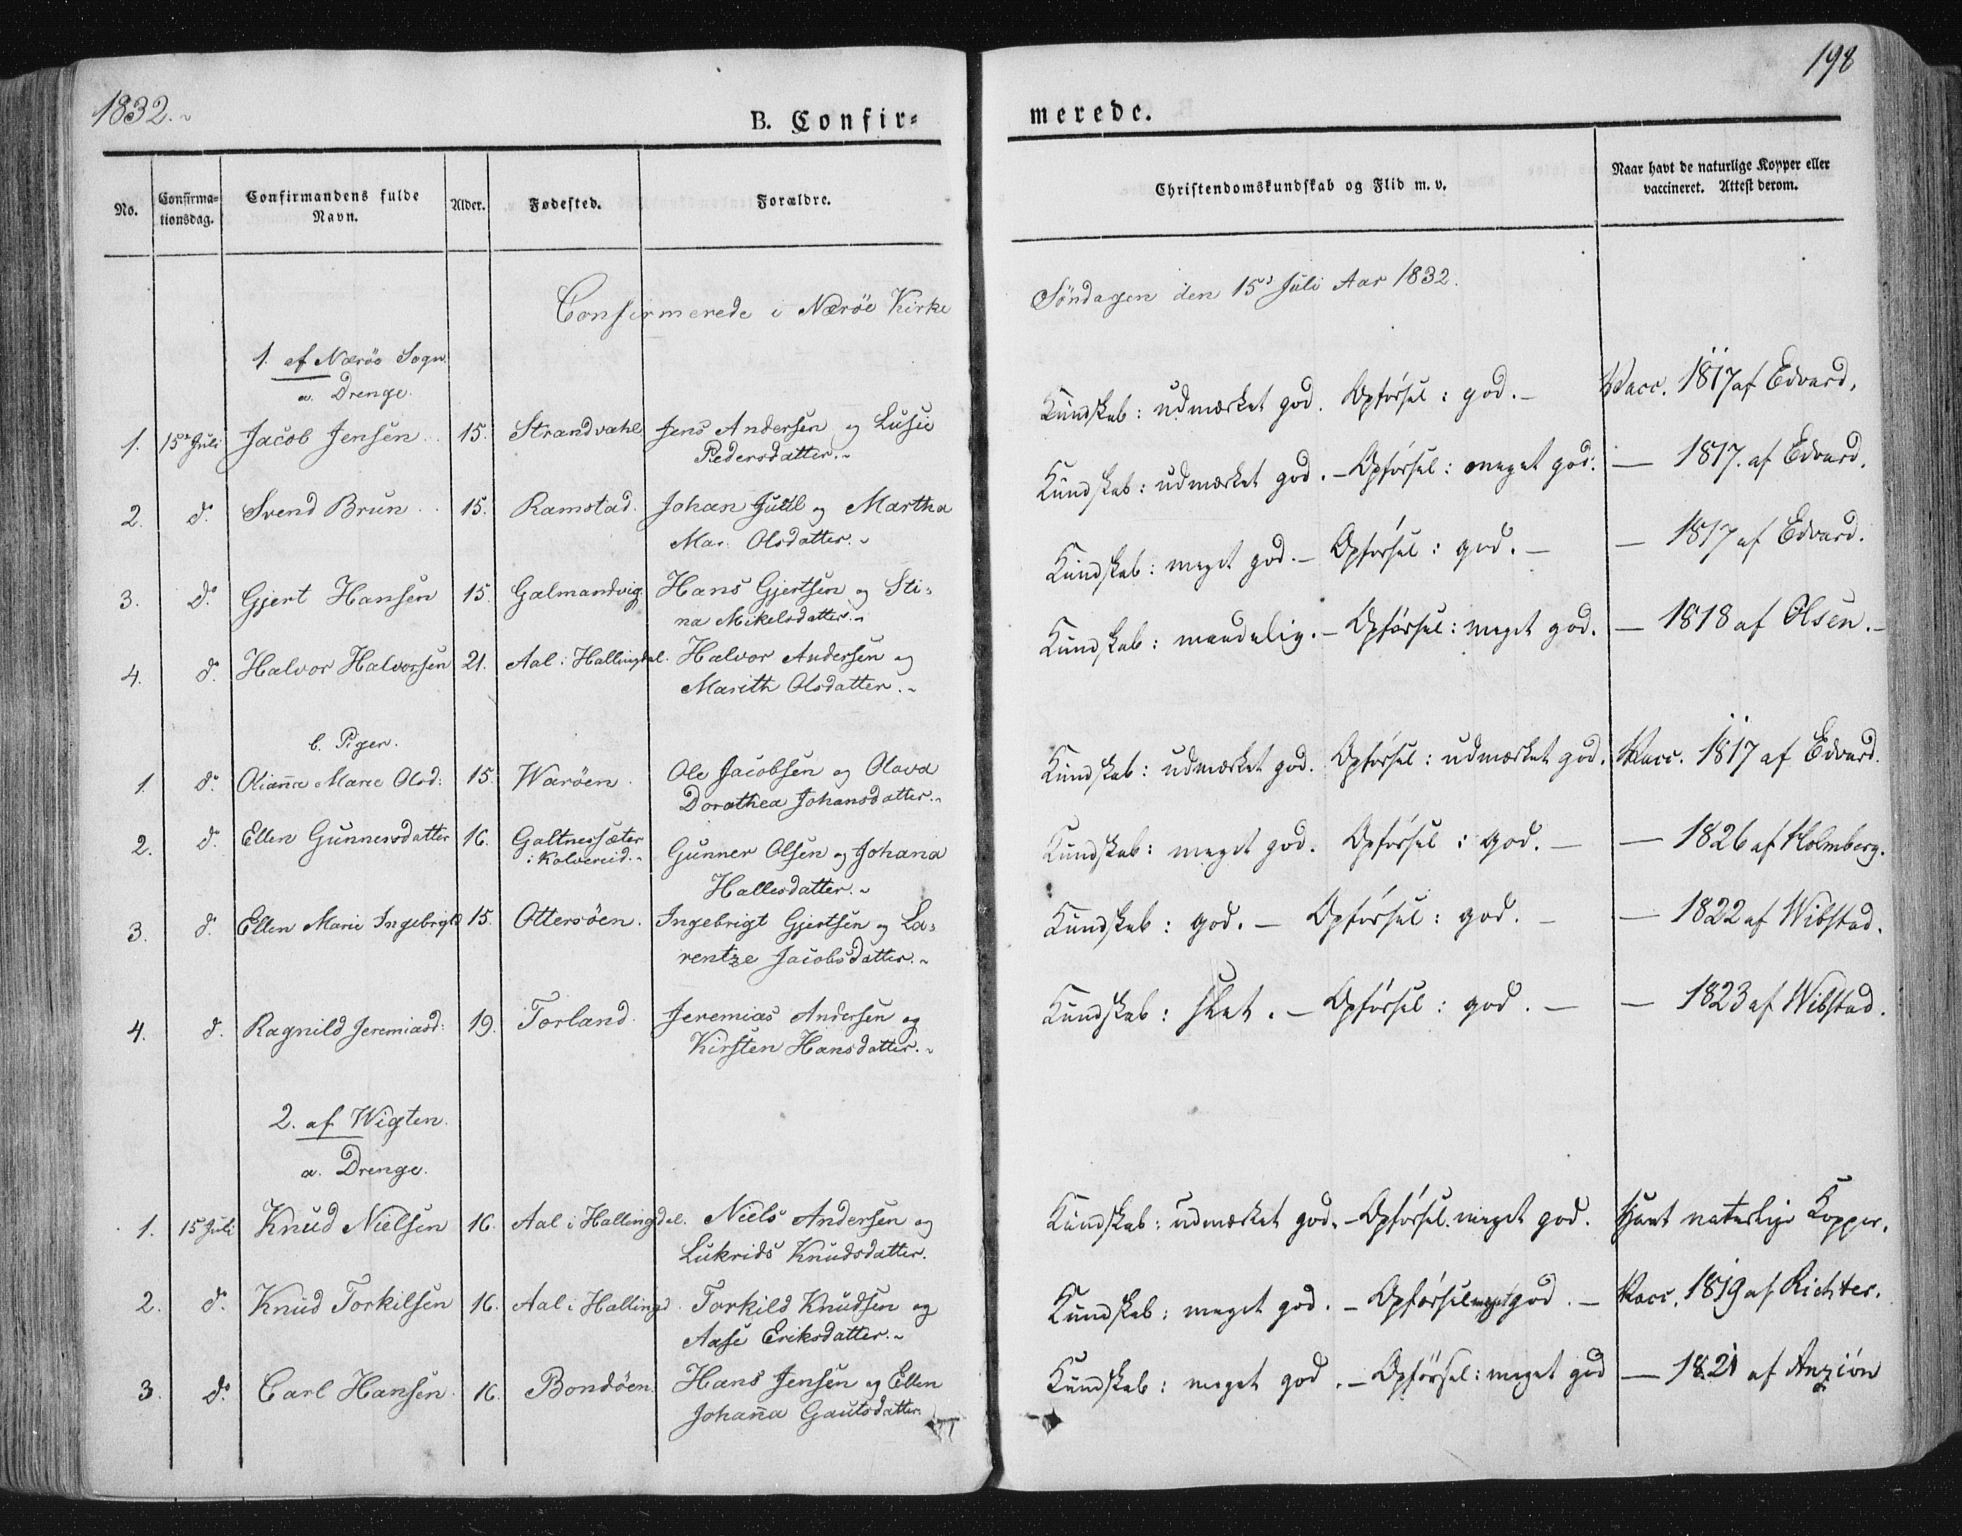 SAT, Ministerialprotokoller, klokkerbøker og fødselsregistre - Nord-Trøndelag, 784/L0669: Ministerialbok nr. 784A04, 1829-1859, s. 198